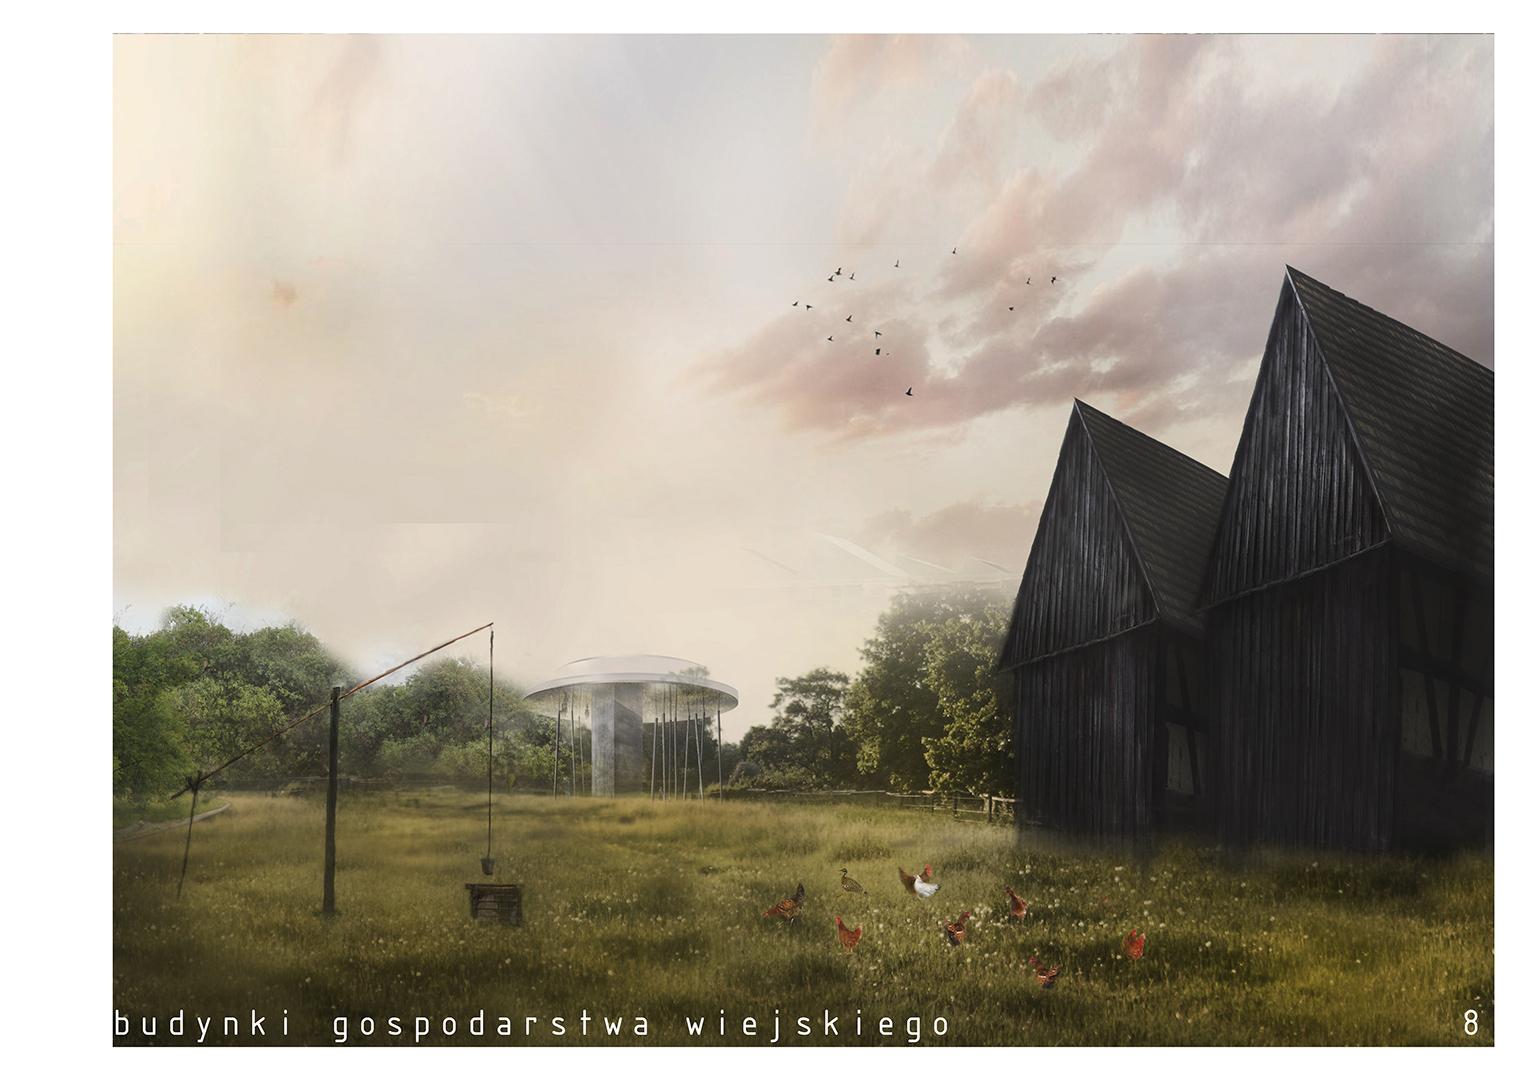 Pawilon edukacyjny - budynki gospodarstwa wiejskiego